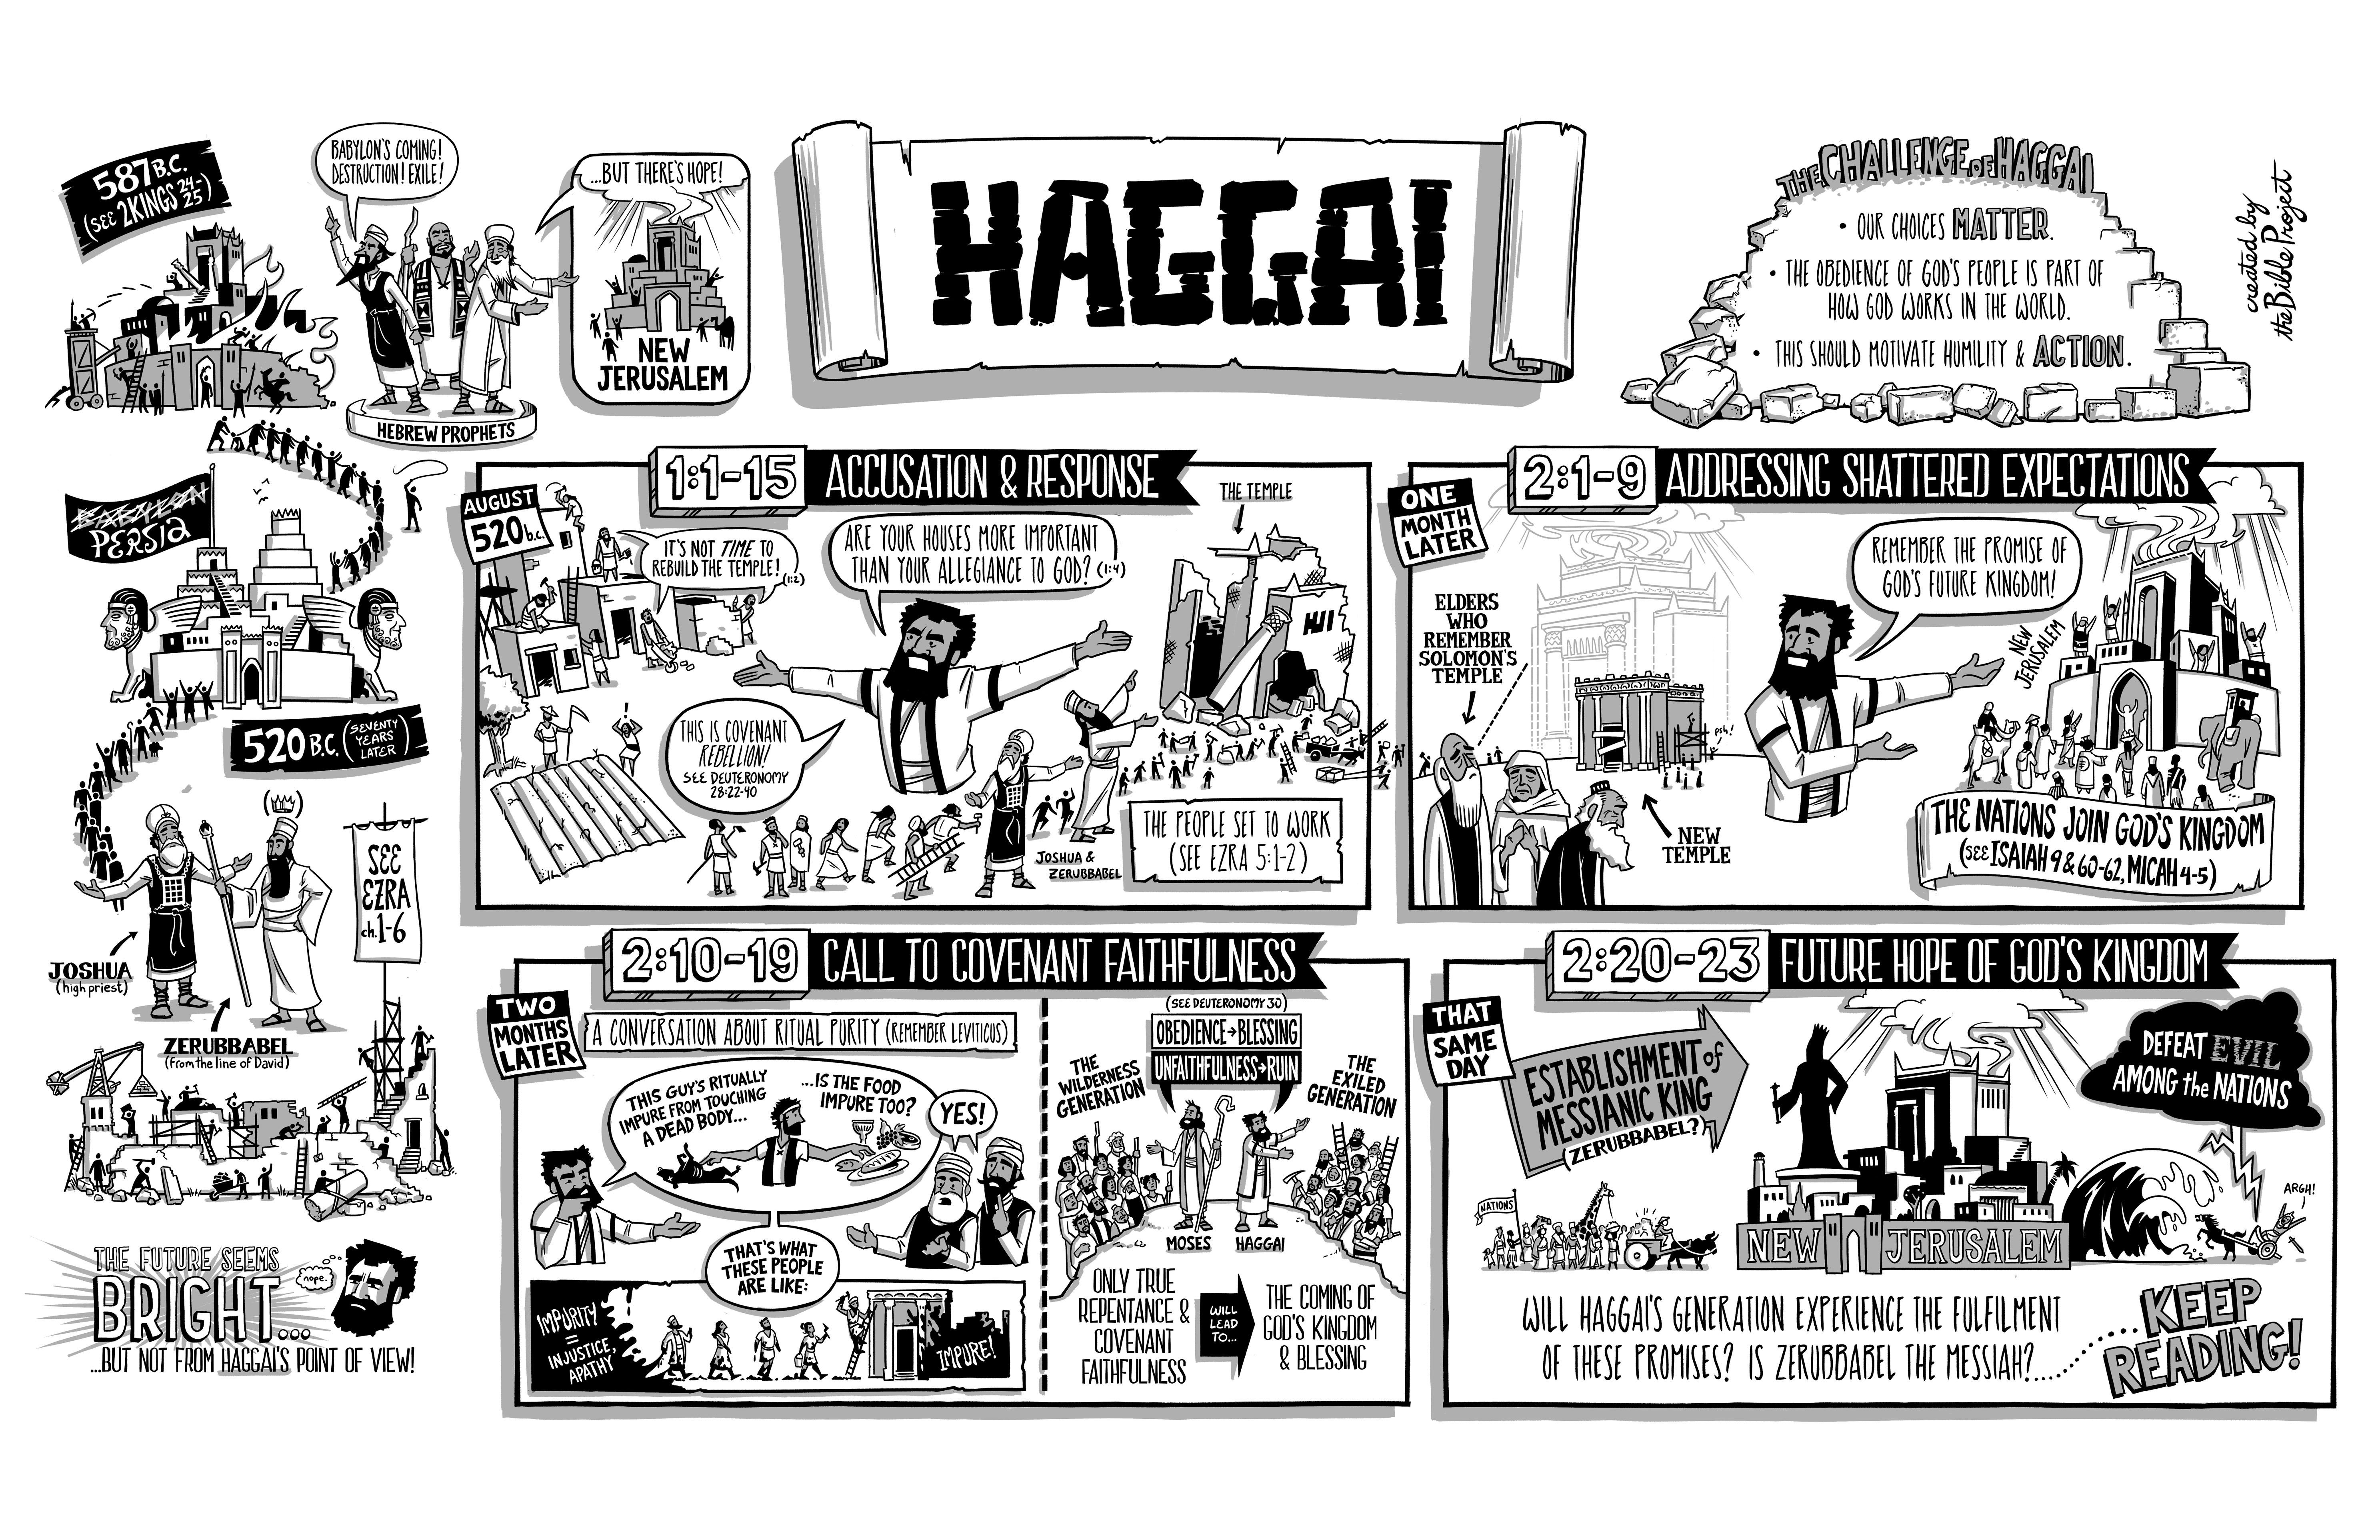 haggai-chart